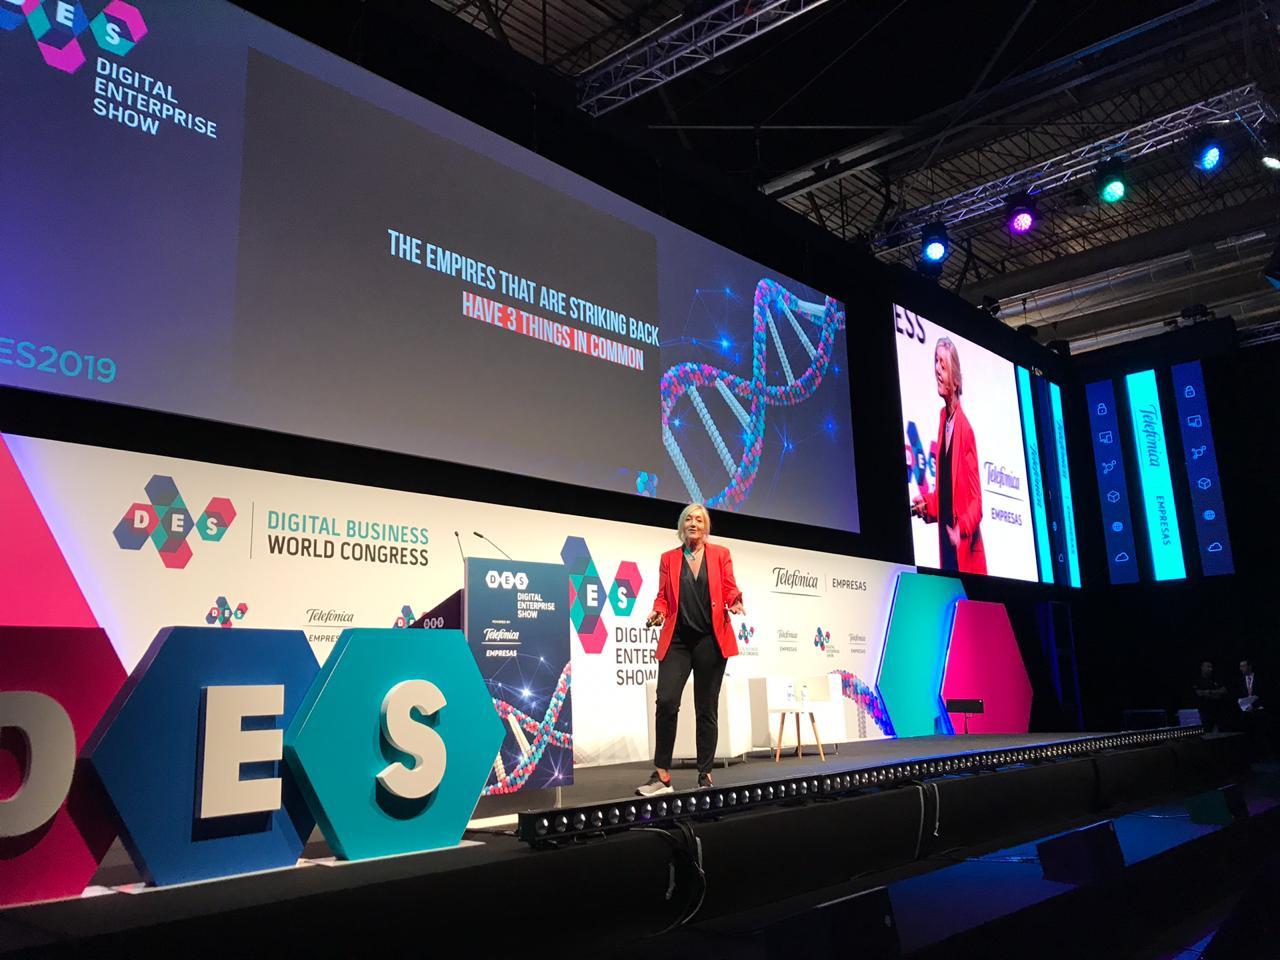 Foto. Marina Specht veste calsa e blusa preta e blazer vermelho. Ela está de pé no palco do DES Madrid 2019. Atrás dela um grande telão e ao lado o logo do DES.